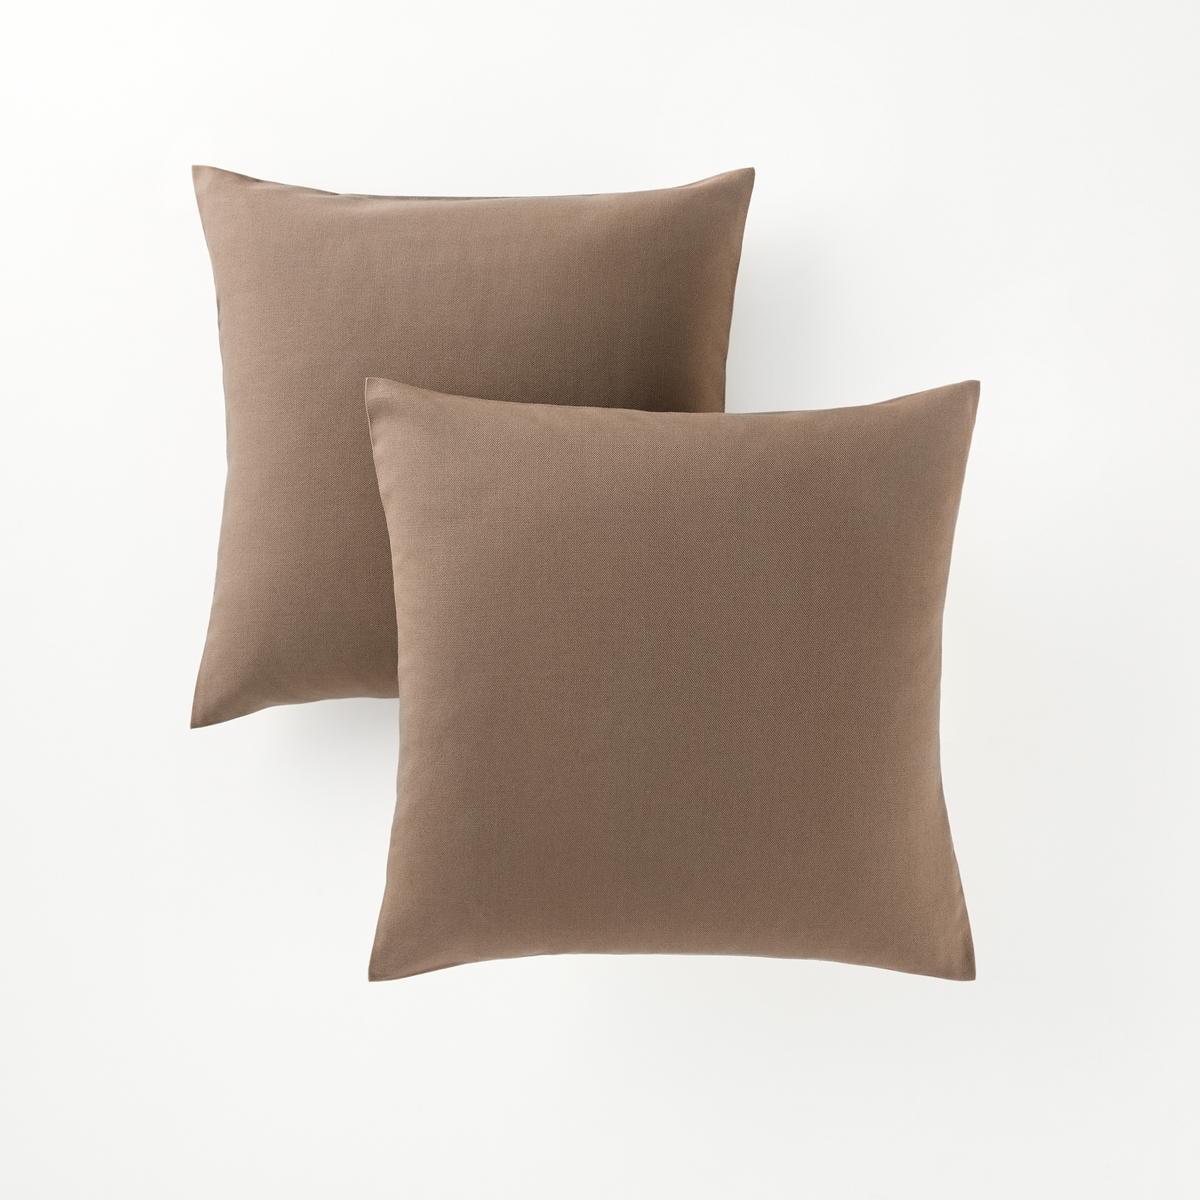 2 квадратных или прямоугольных чехла на подушки